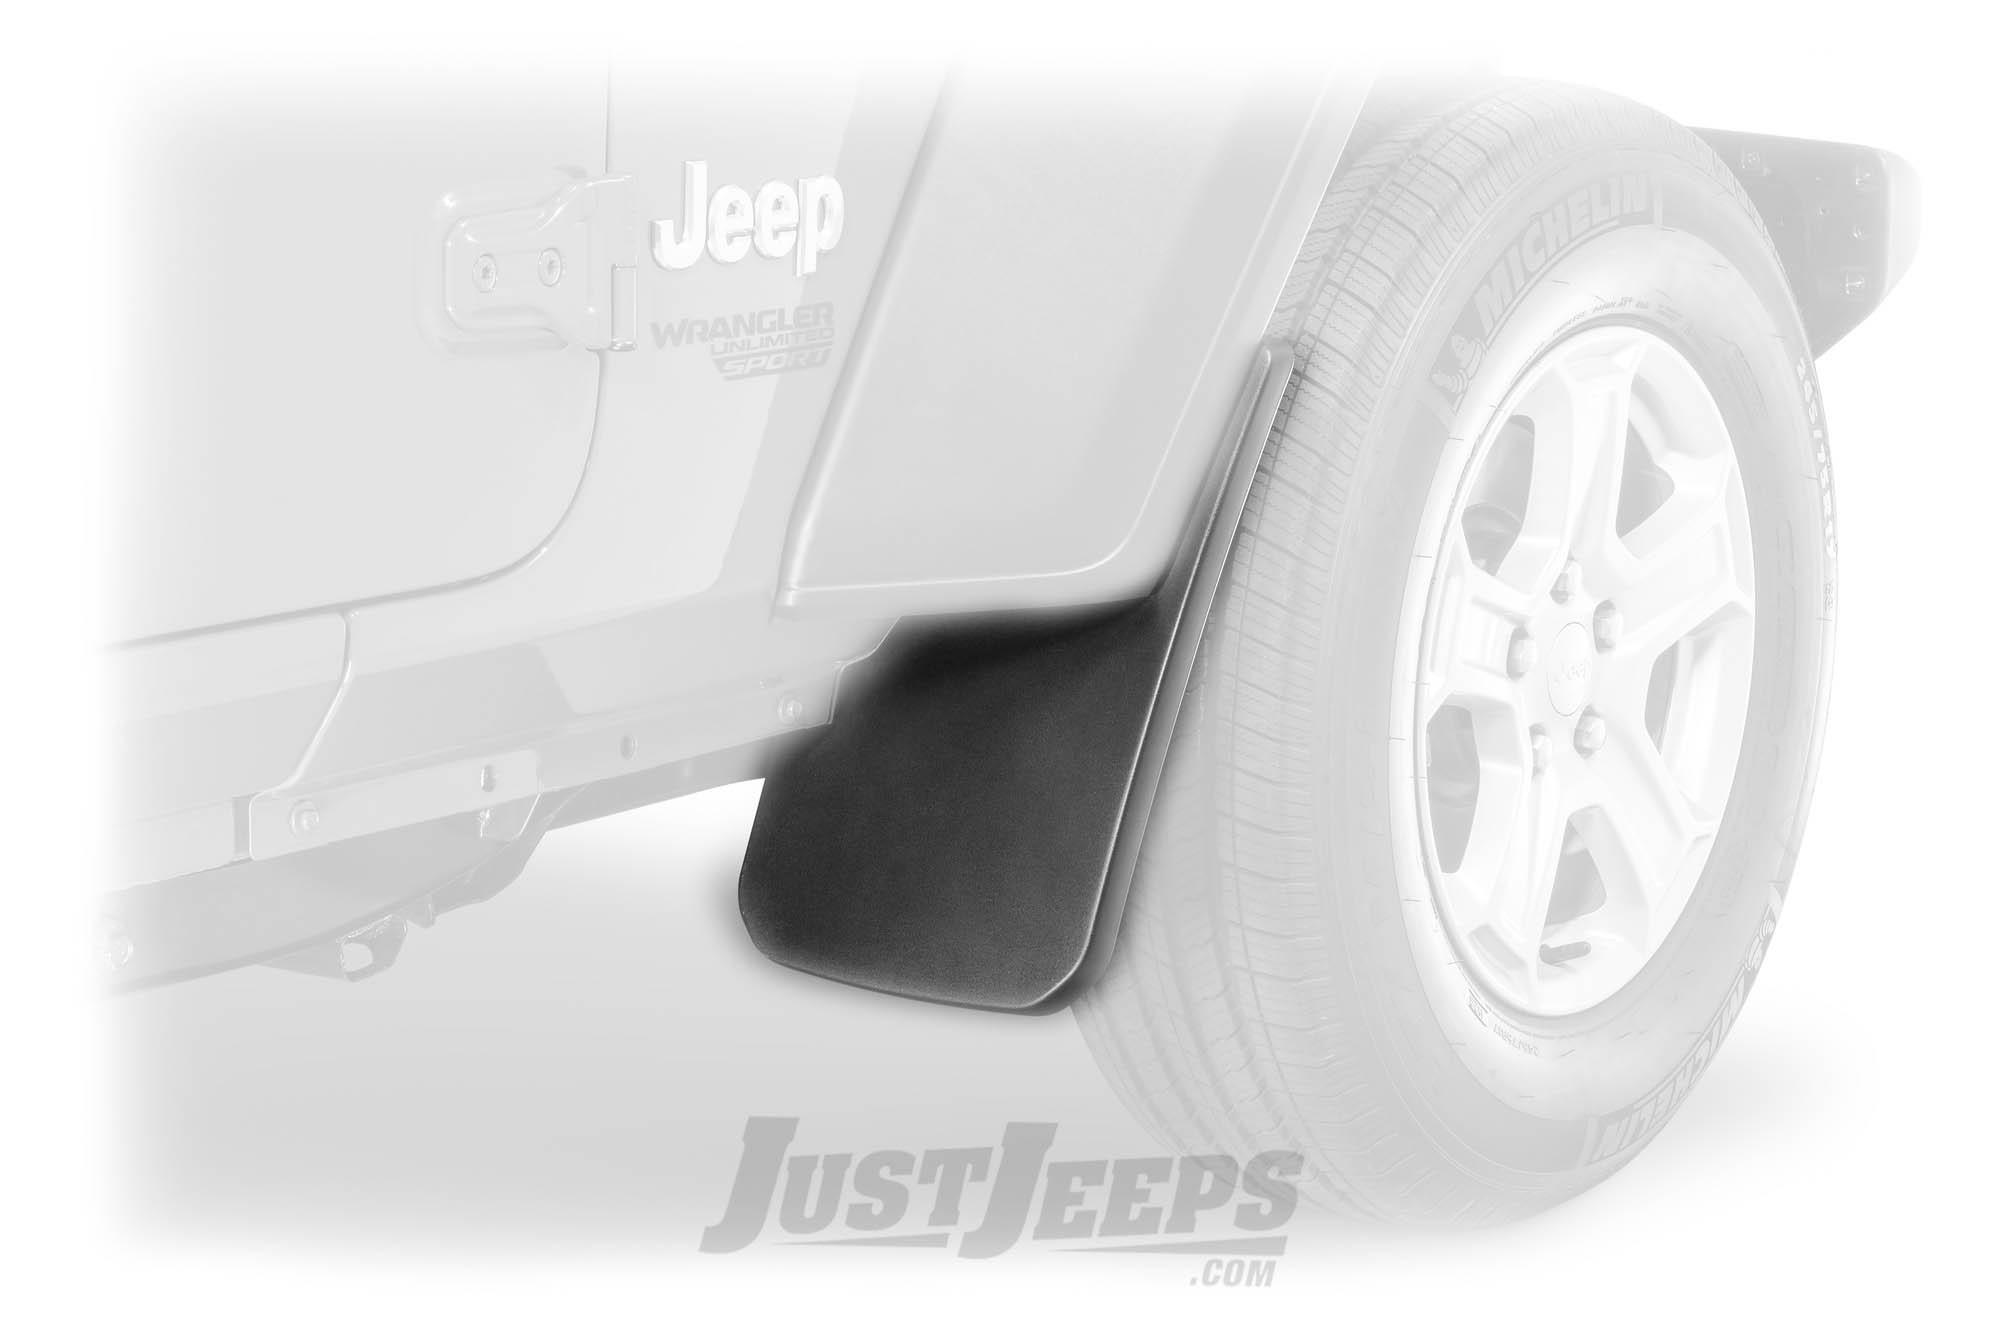 Just Jeeps Mopar Front Molded Splash Guards For 2018 Jeep